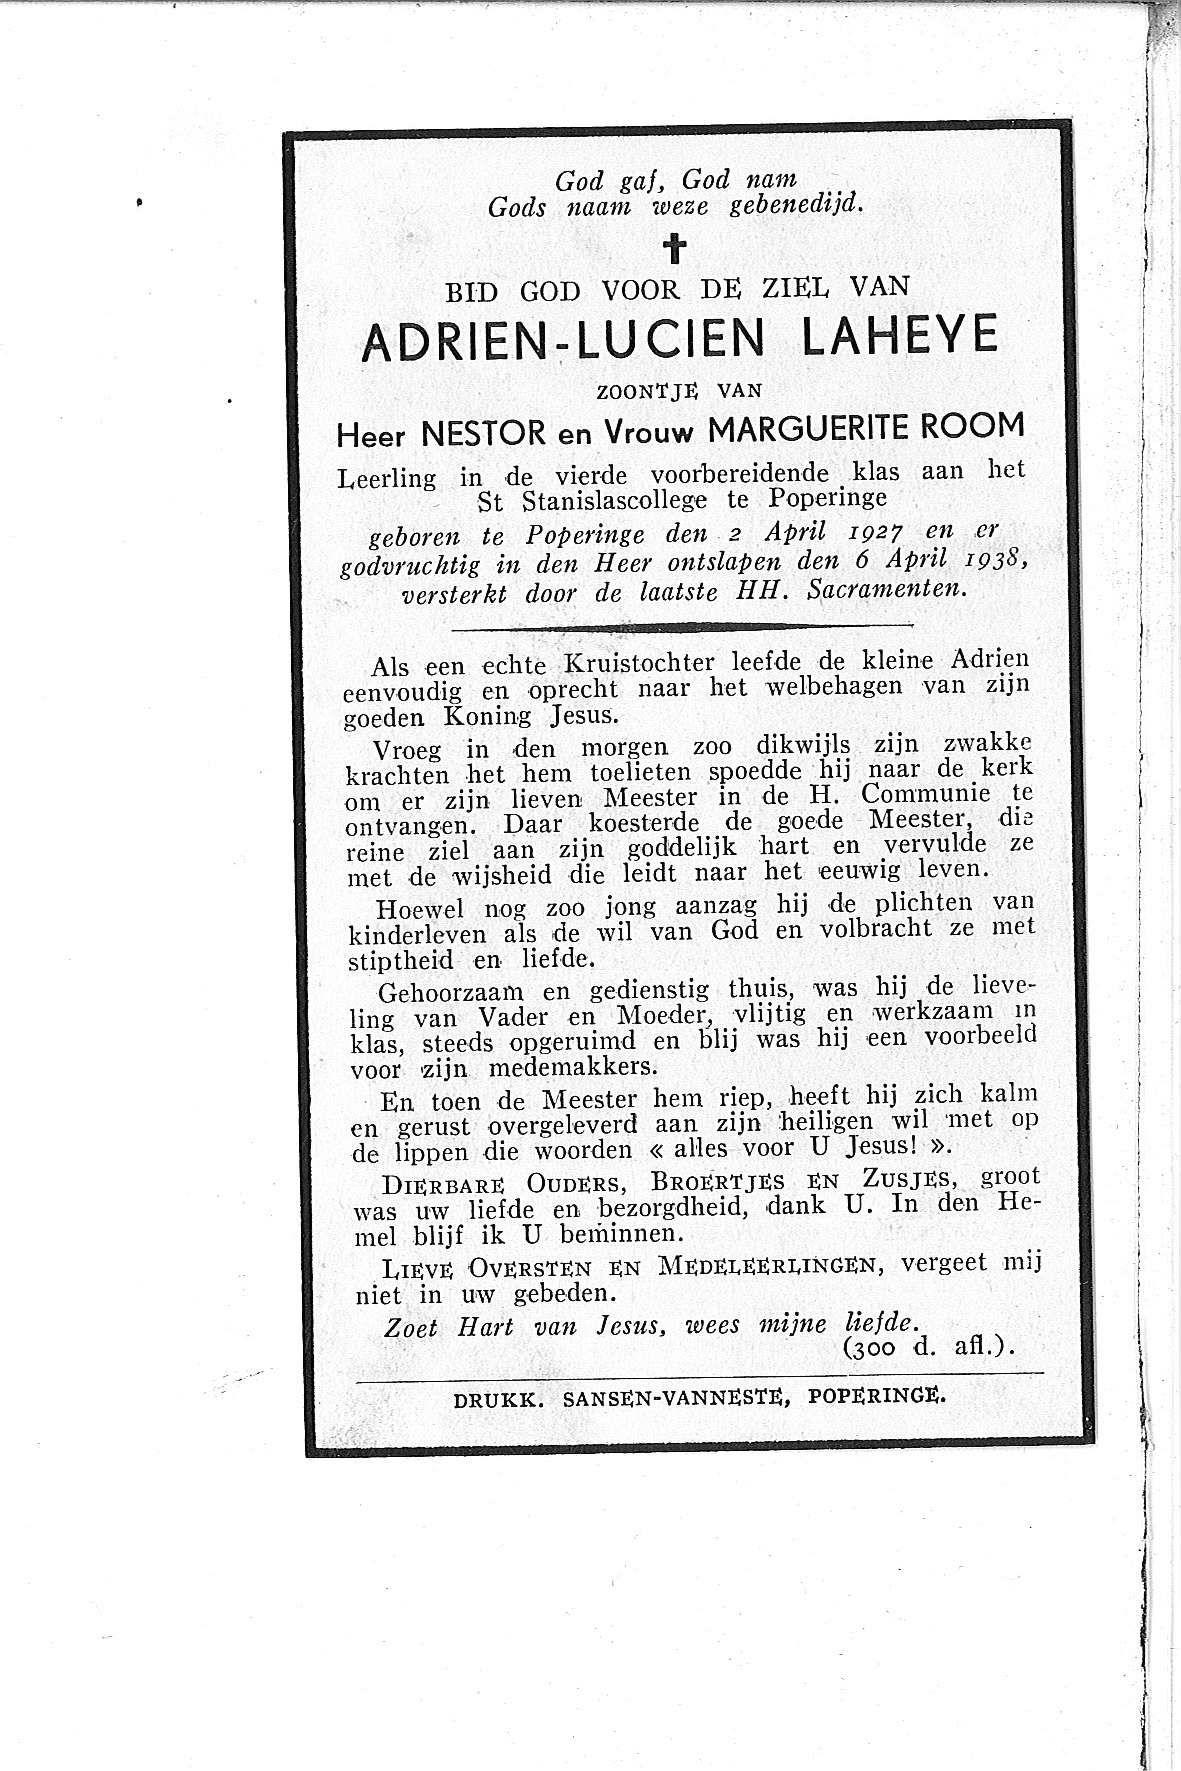 Adrien-Lucien20110308134802_00005.jpg